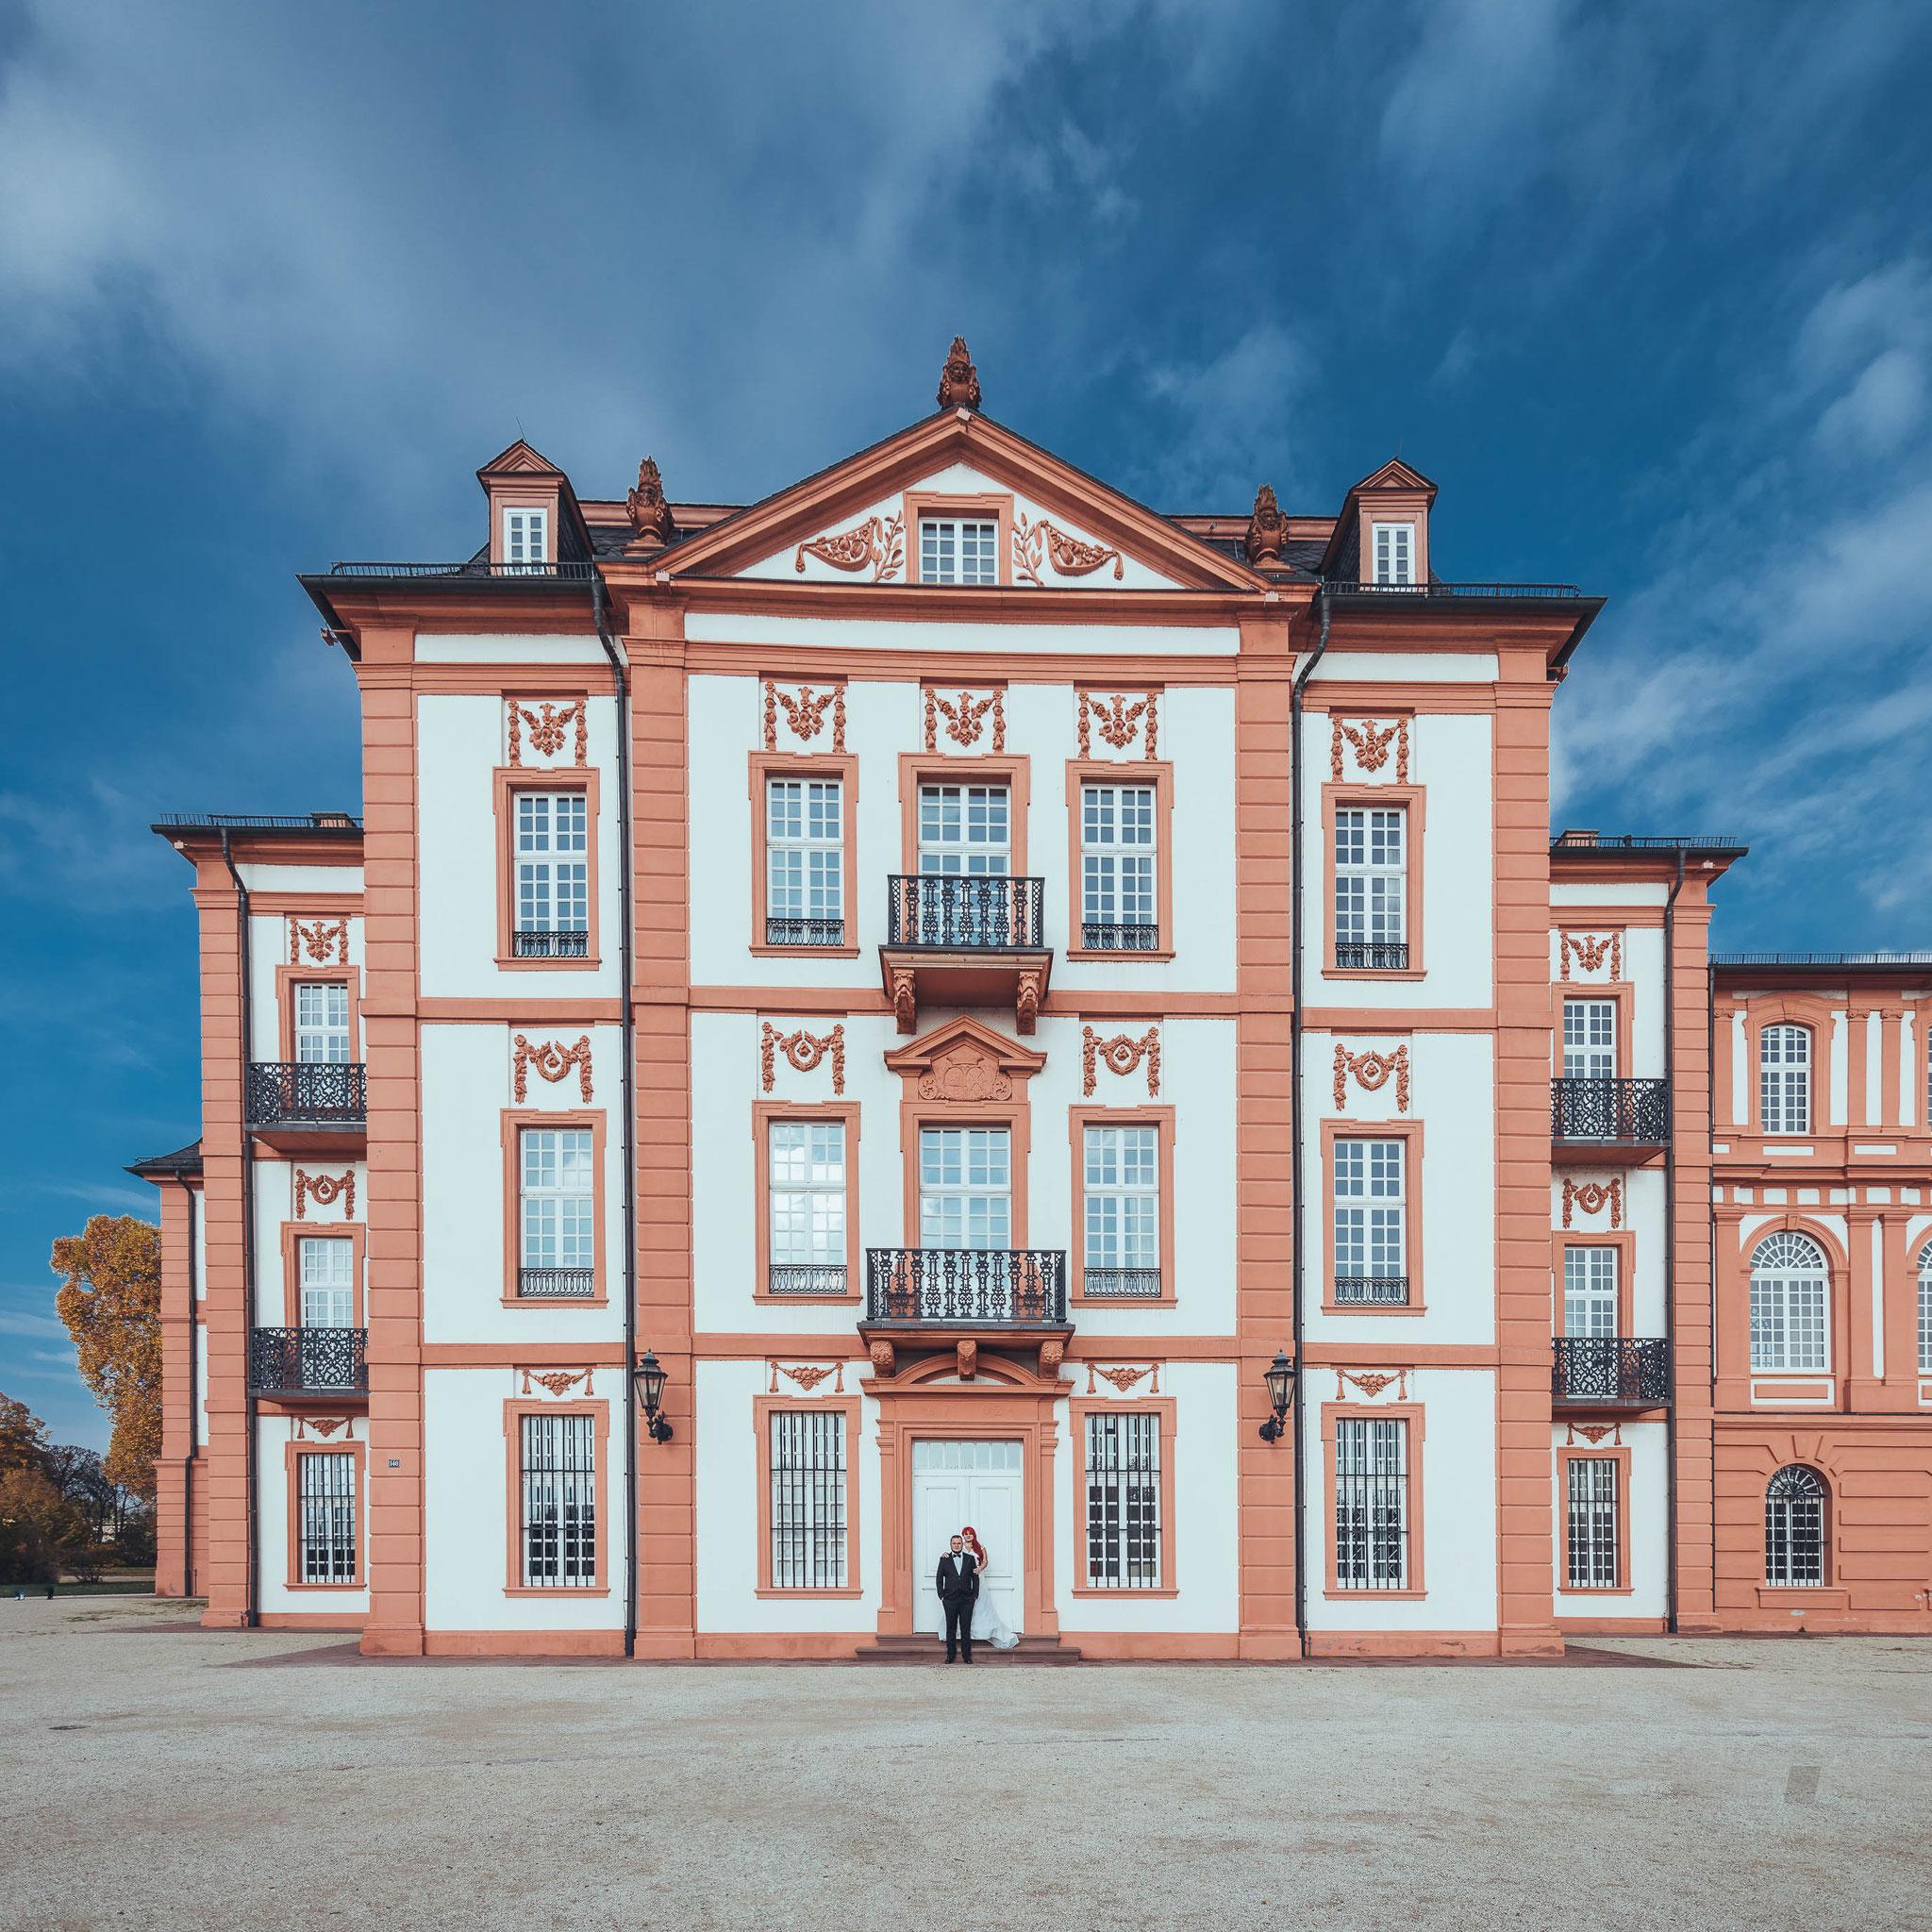 Foto und Video für internationale Hochzeit in Bensheim, Kassel, Mannheim, Koblenz, Bad Homburg